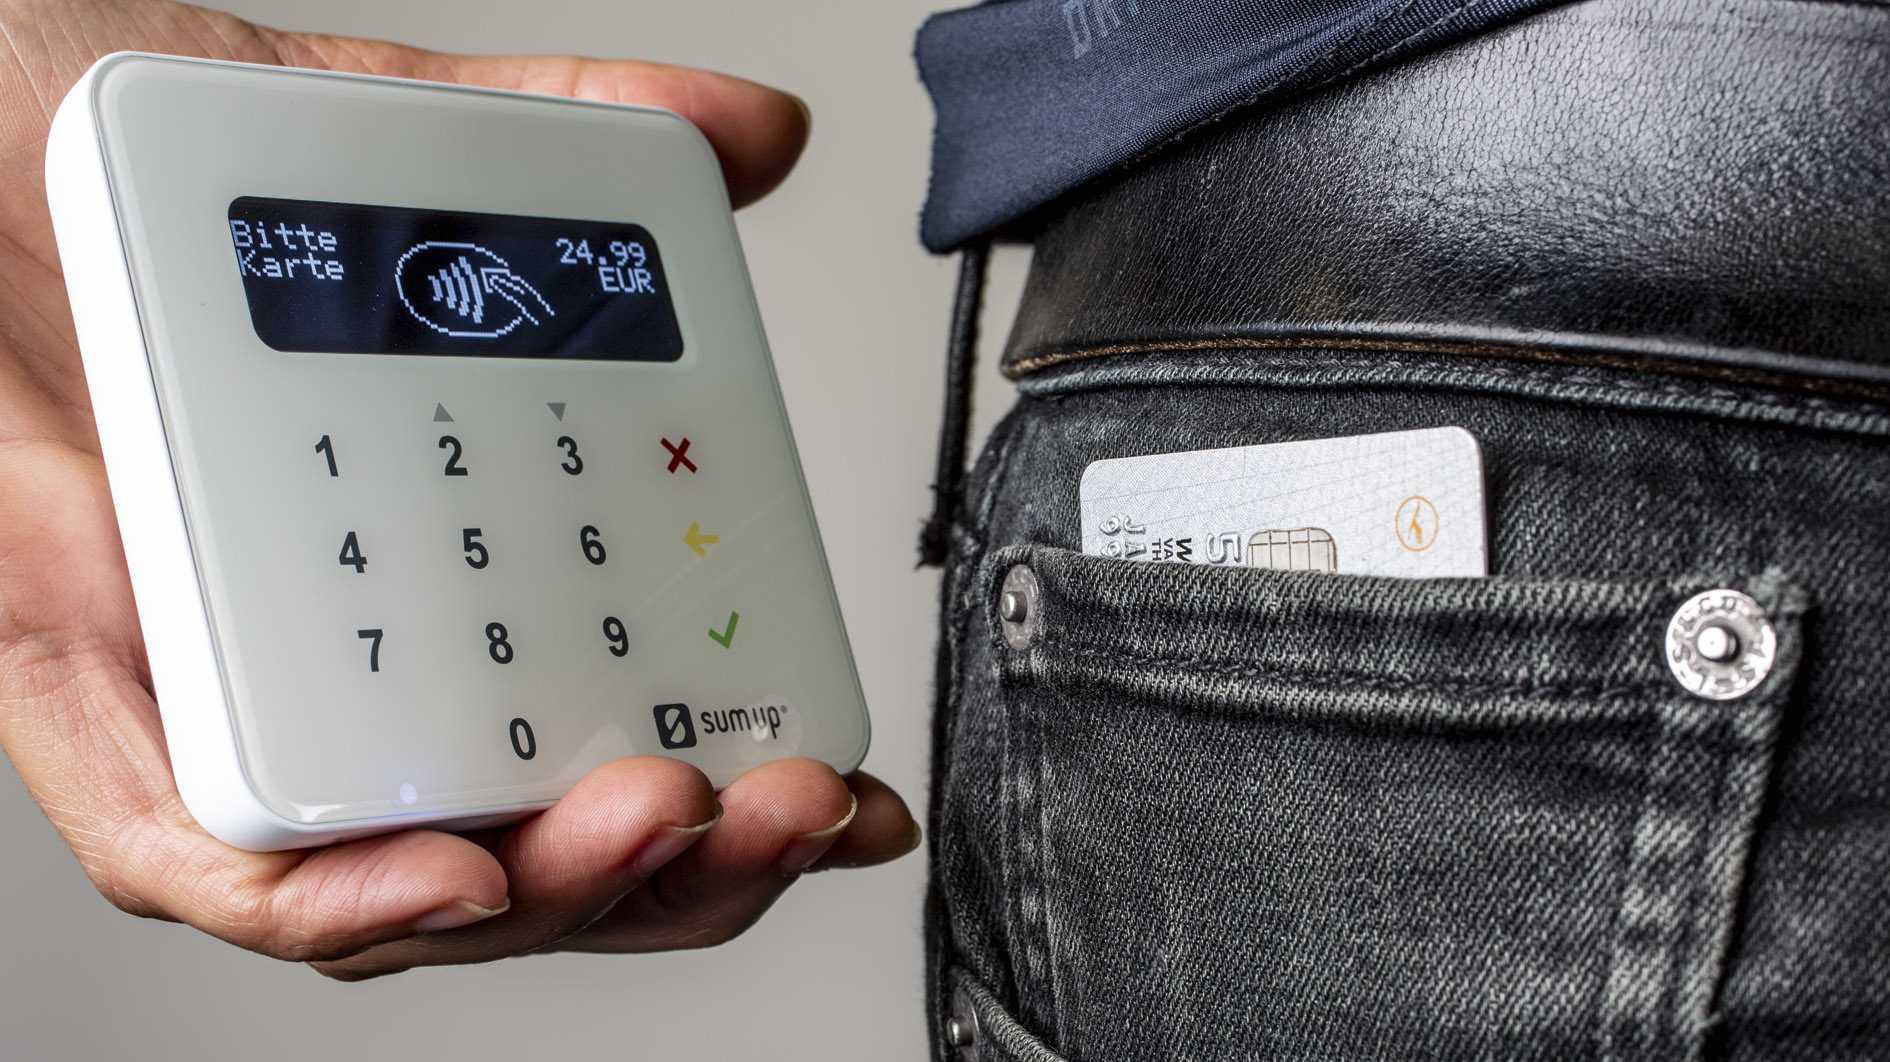 Mit 29-Euro-Zahlterminal: So leicht kann man Kontaktlos-Karten abfischen